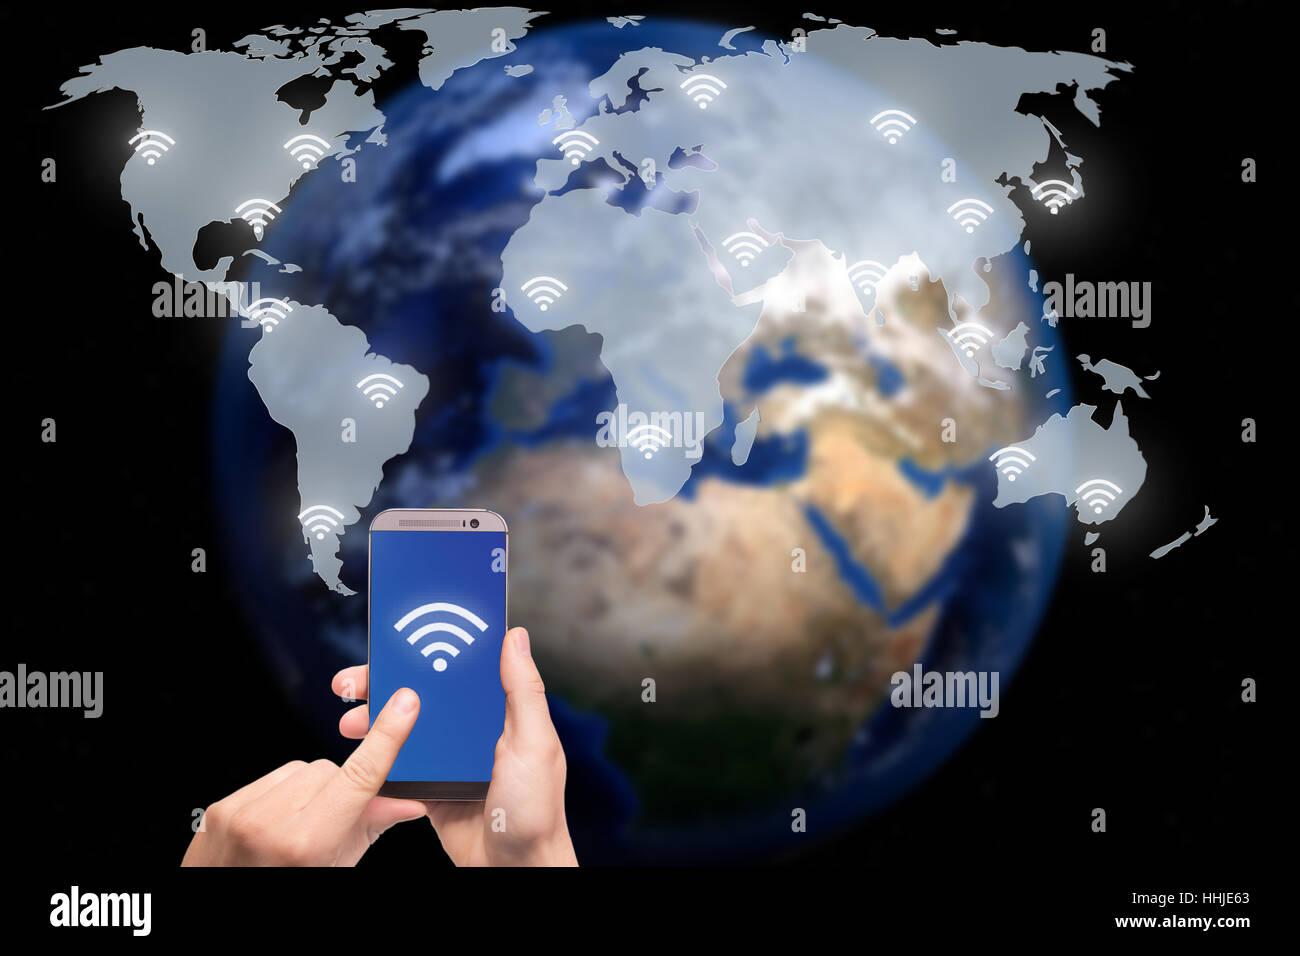 Hand holding smart phone sur réseau carte du monde et la communication sans fil, réseau résumé Photo Stock